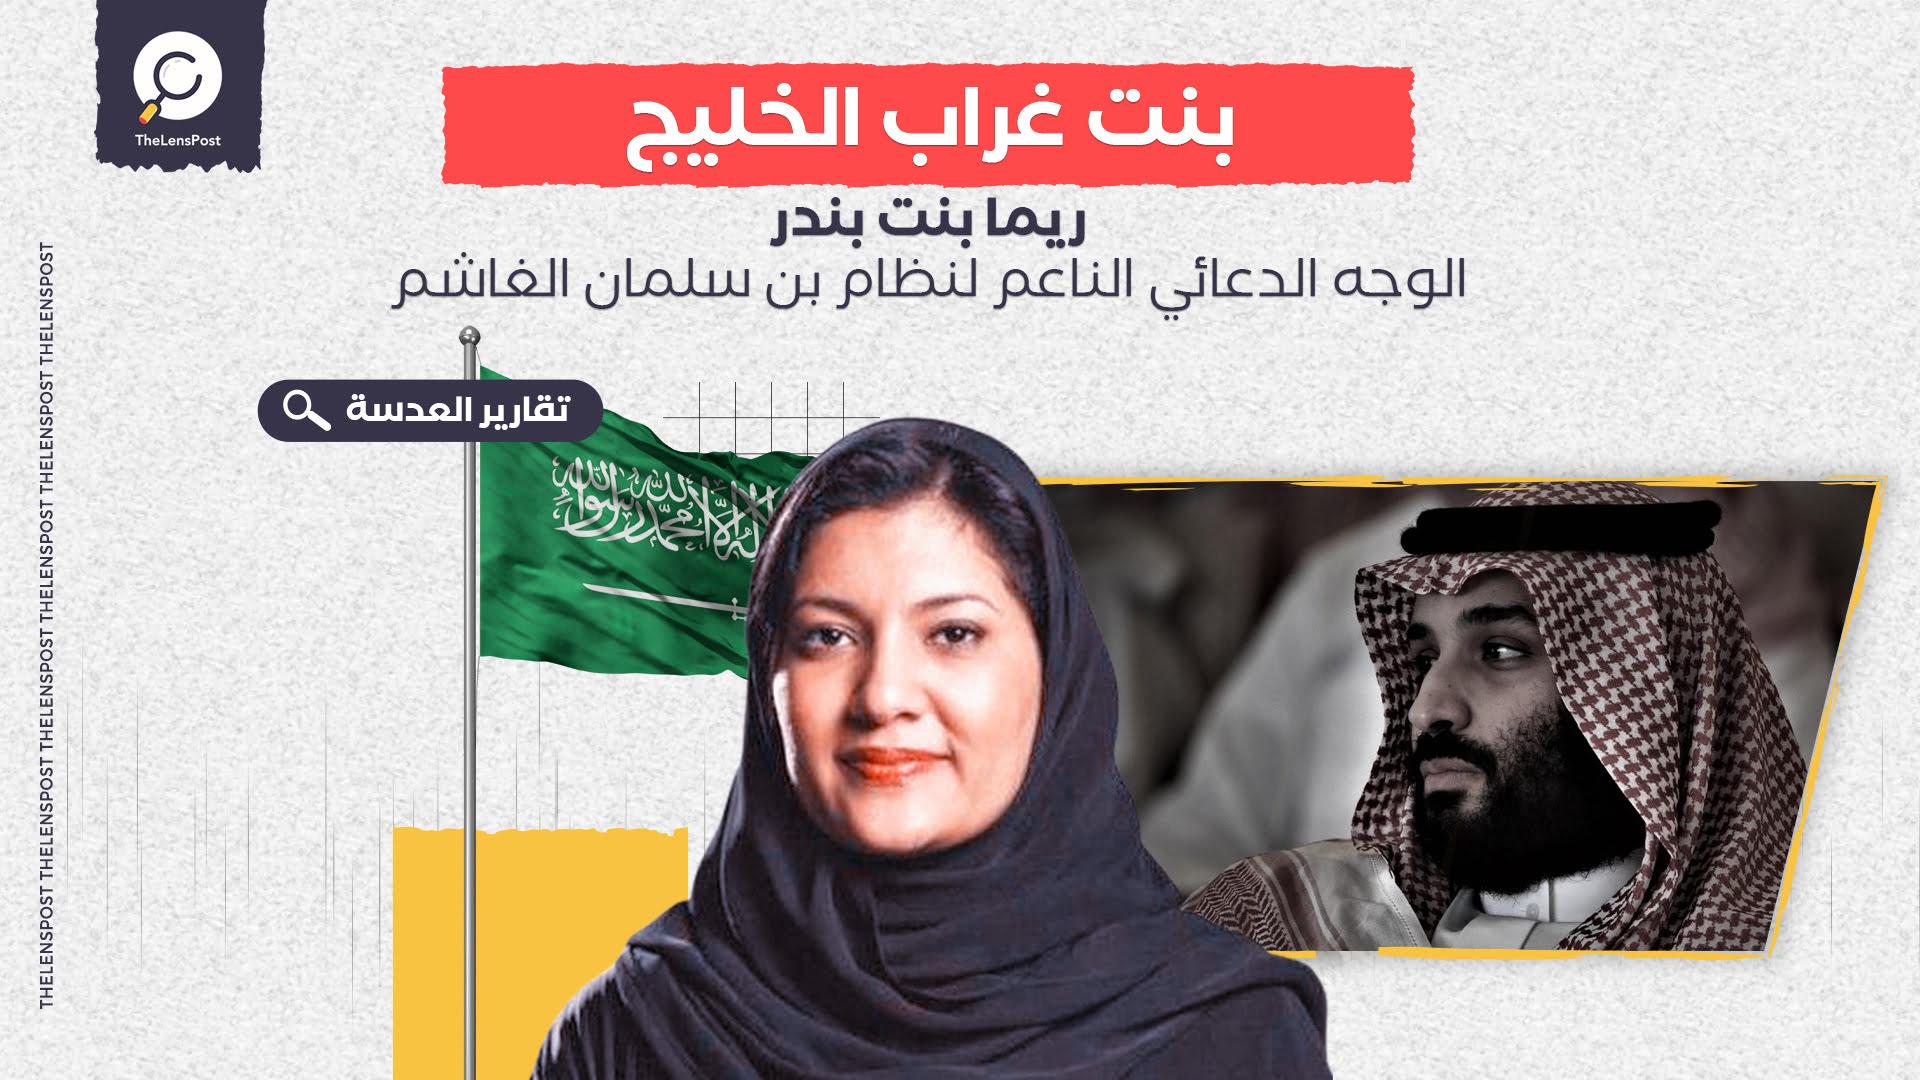 سفيرة القمع .. ريما بنت بندر الوجه الدعائي الناعم لنظام بن سلمان الغاشم